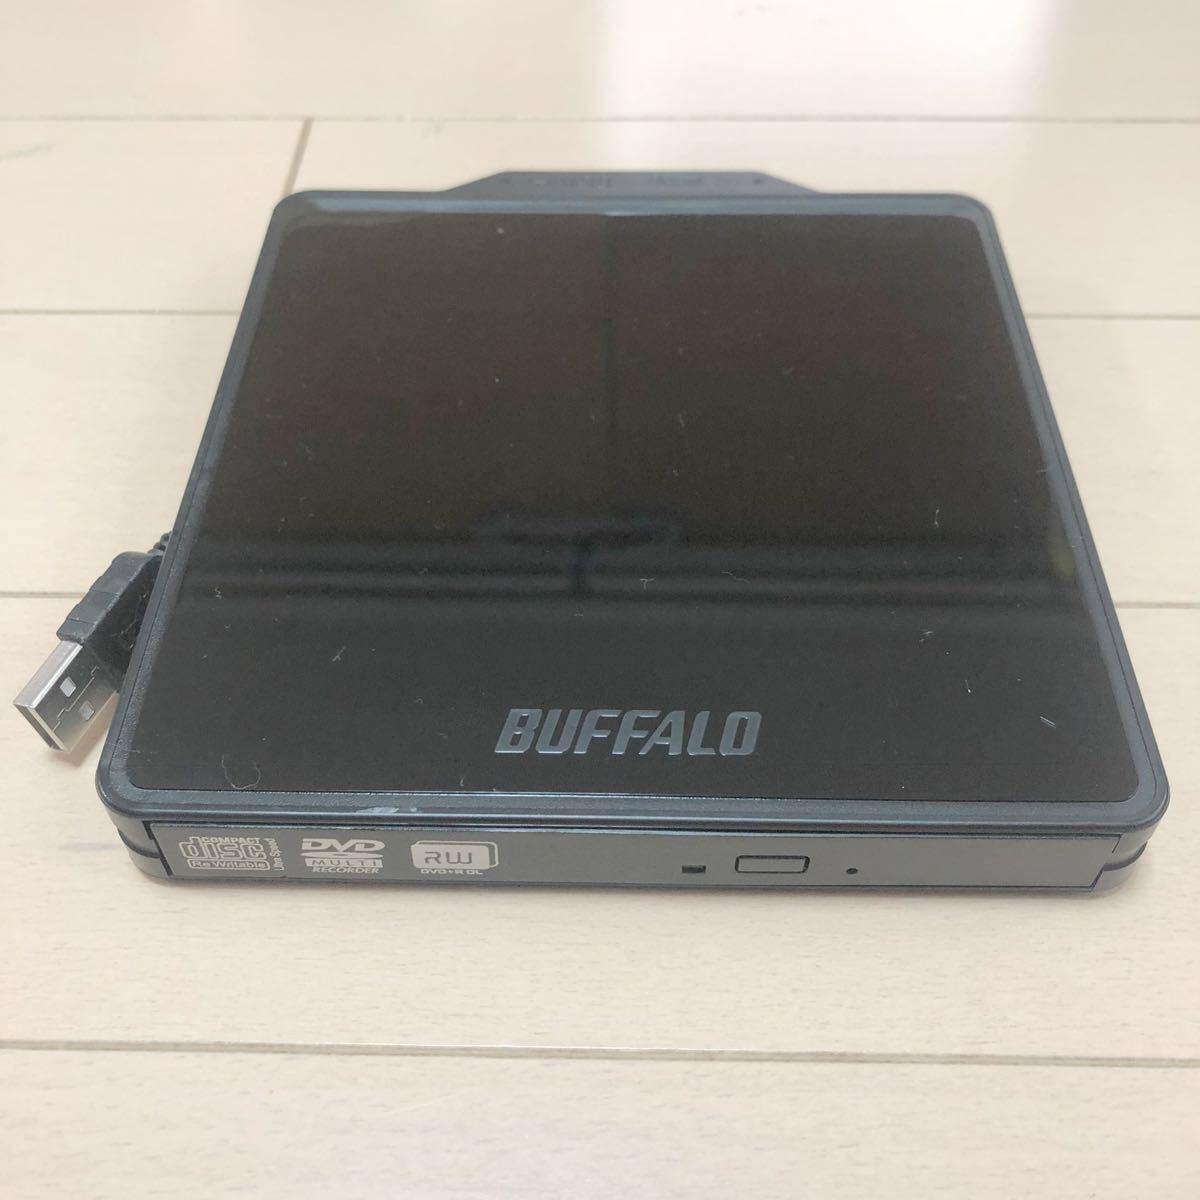 新品同様BUFFALO 外付け DVDドライブ動作品(1)DVSM-PC58U2V-BK マルチドライブ